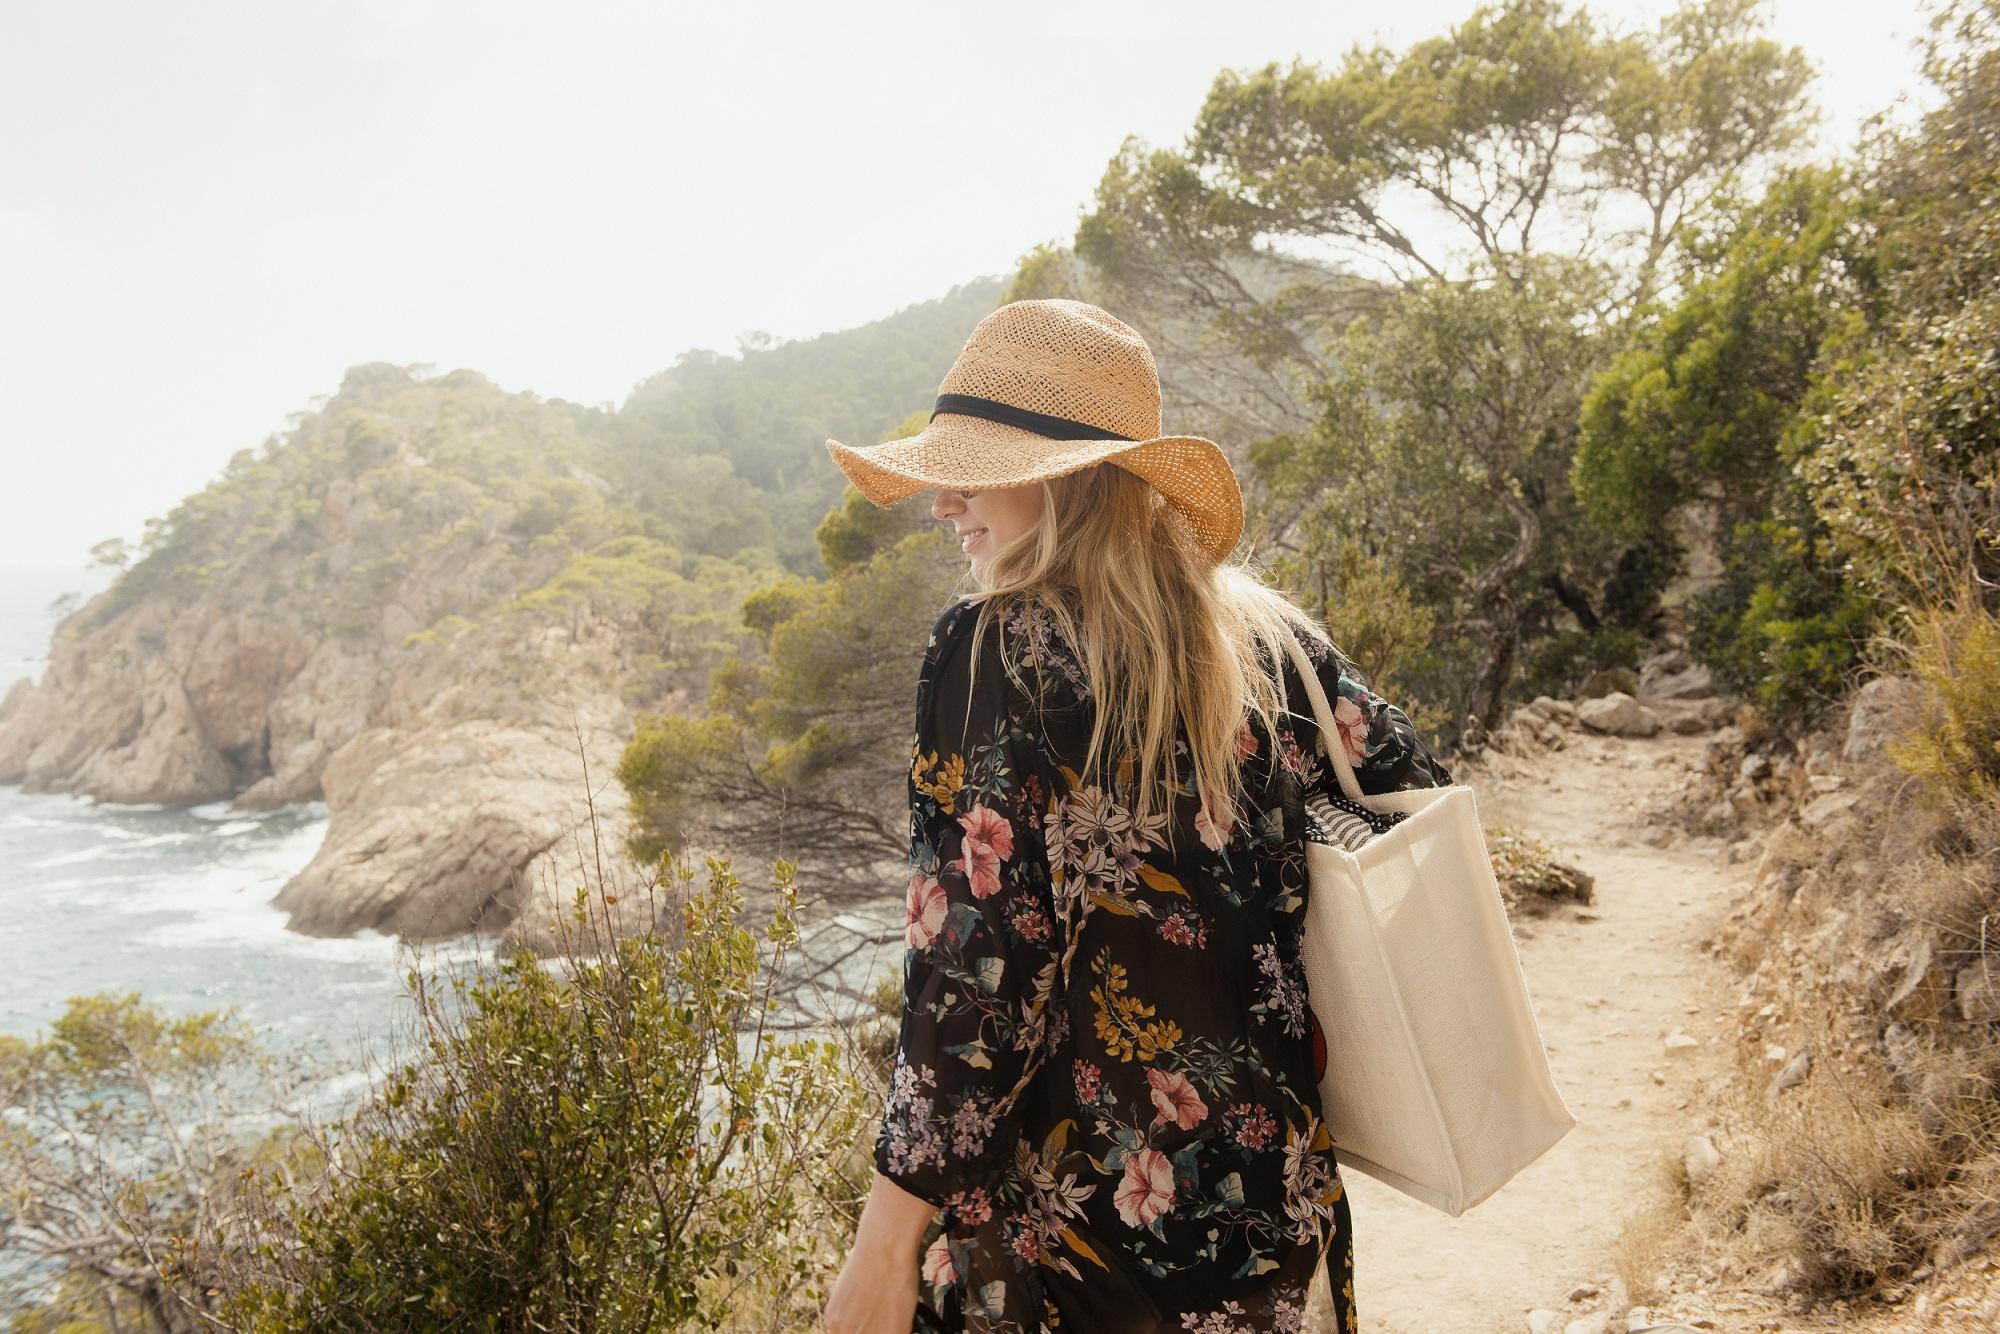 Woman Walking Along Coastal Pathway, Rear View, Tossa De Mar, Catalonia, Spain